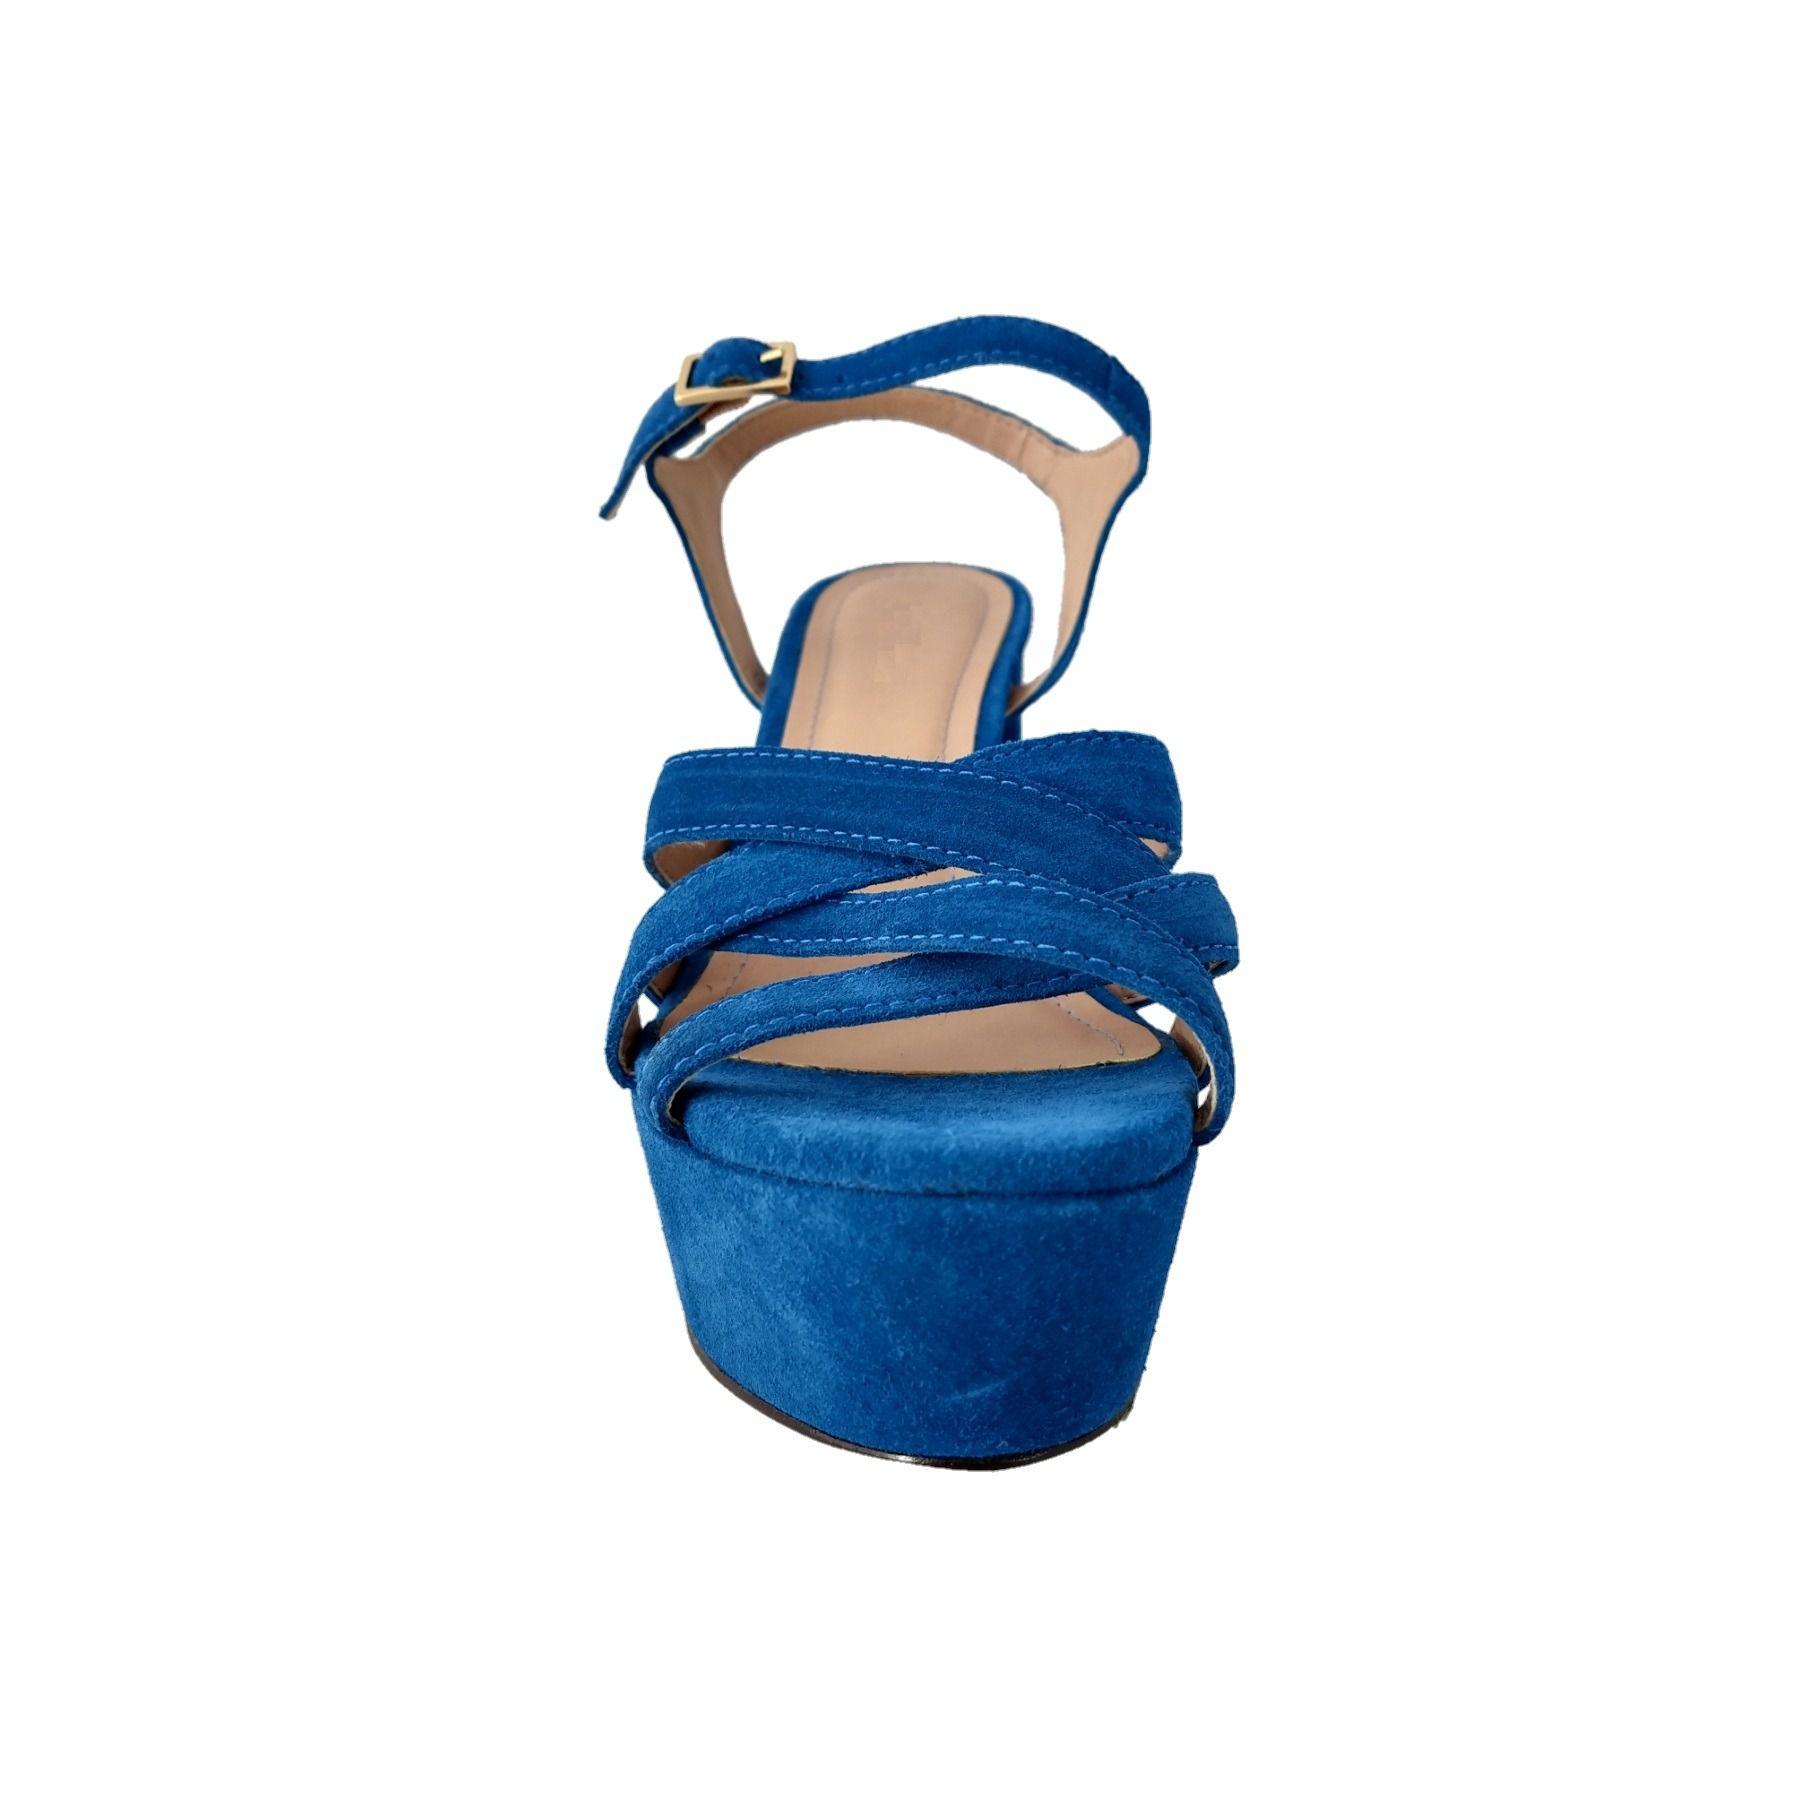 Sandália Salto Bloco TopGrife Couro Camurça Azul  - SAPATOWEB.COM